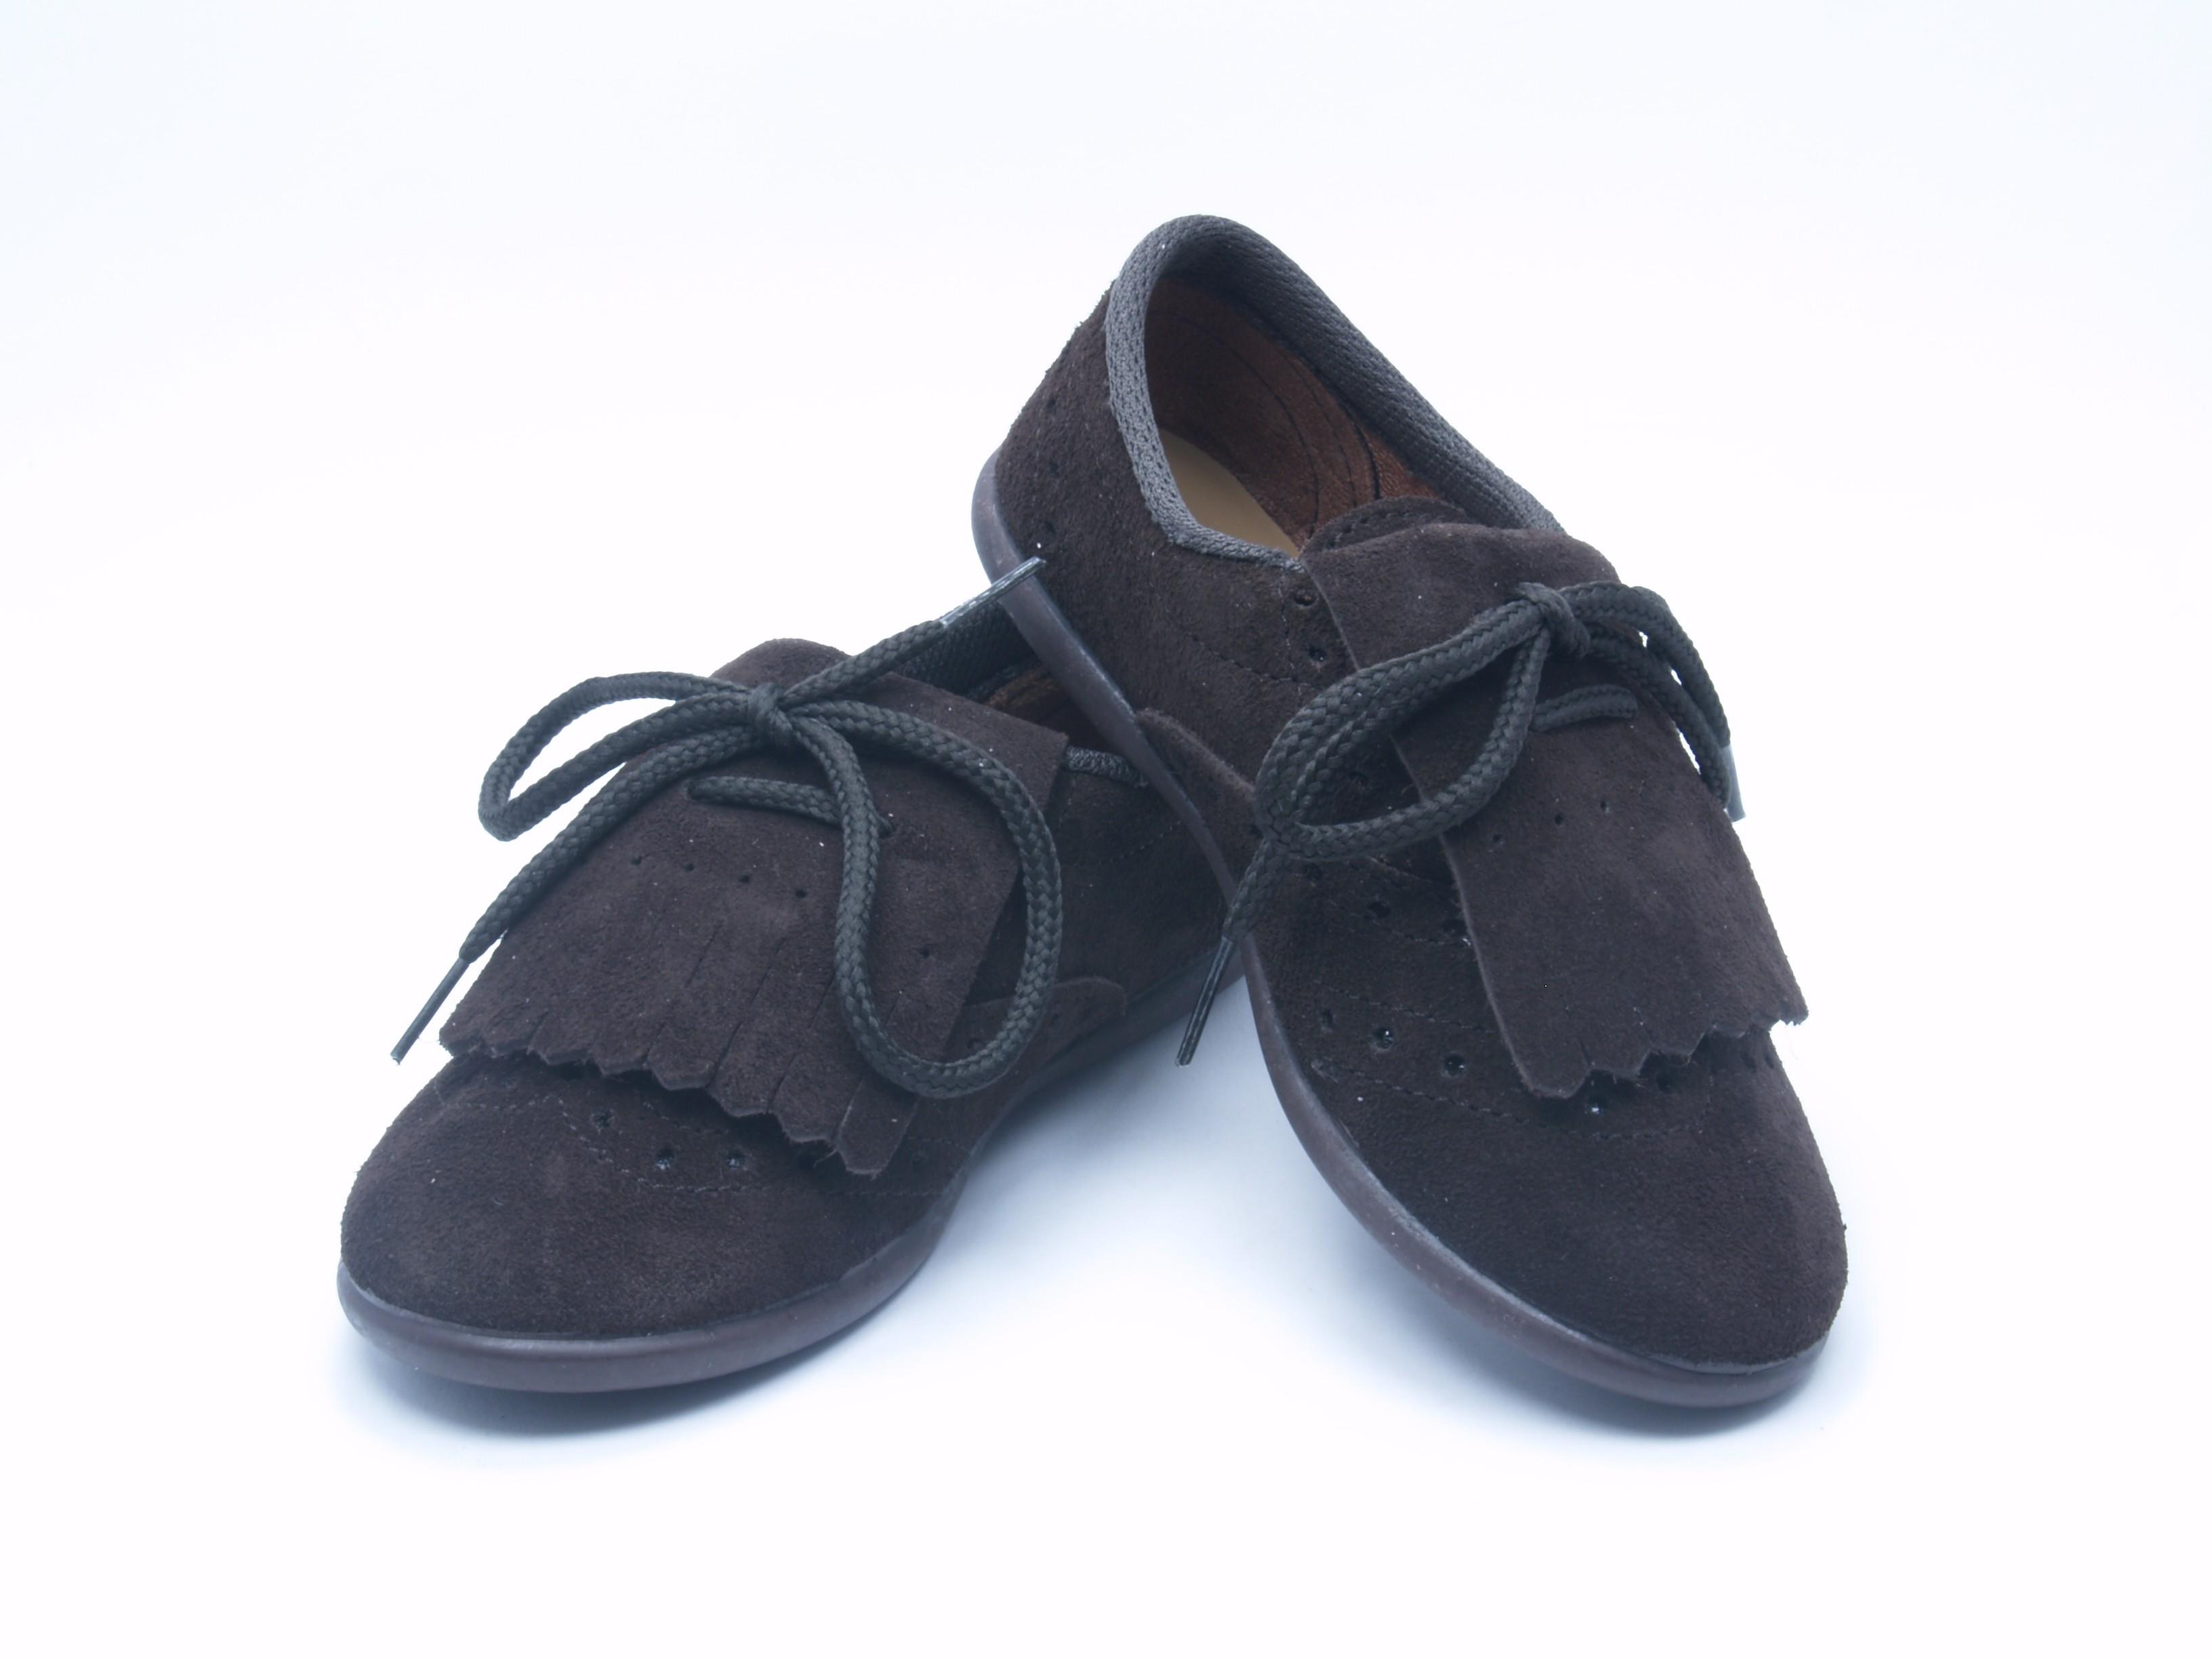 f279b692970 Zapatos Blucher Niño Niña Flecos 9010 S-2 Chuches